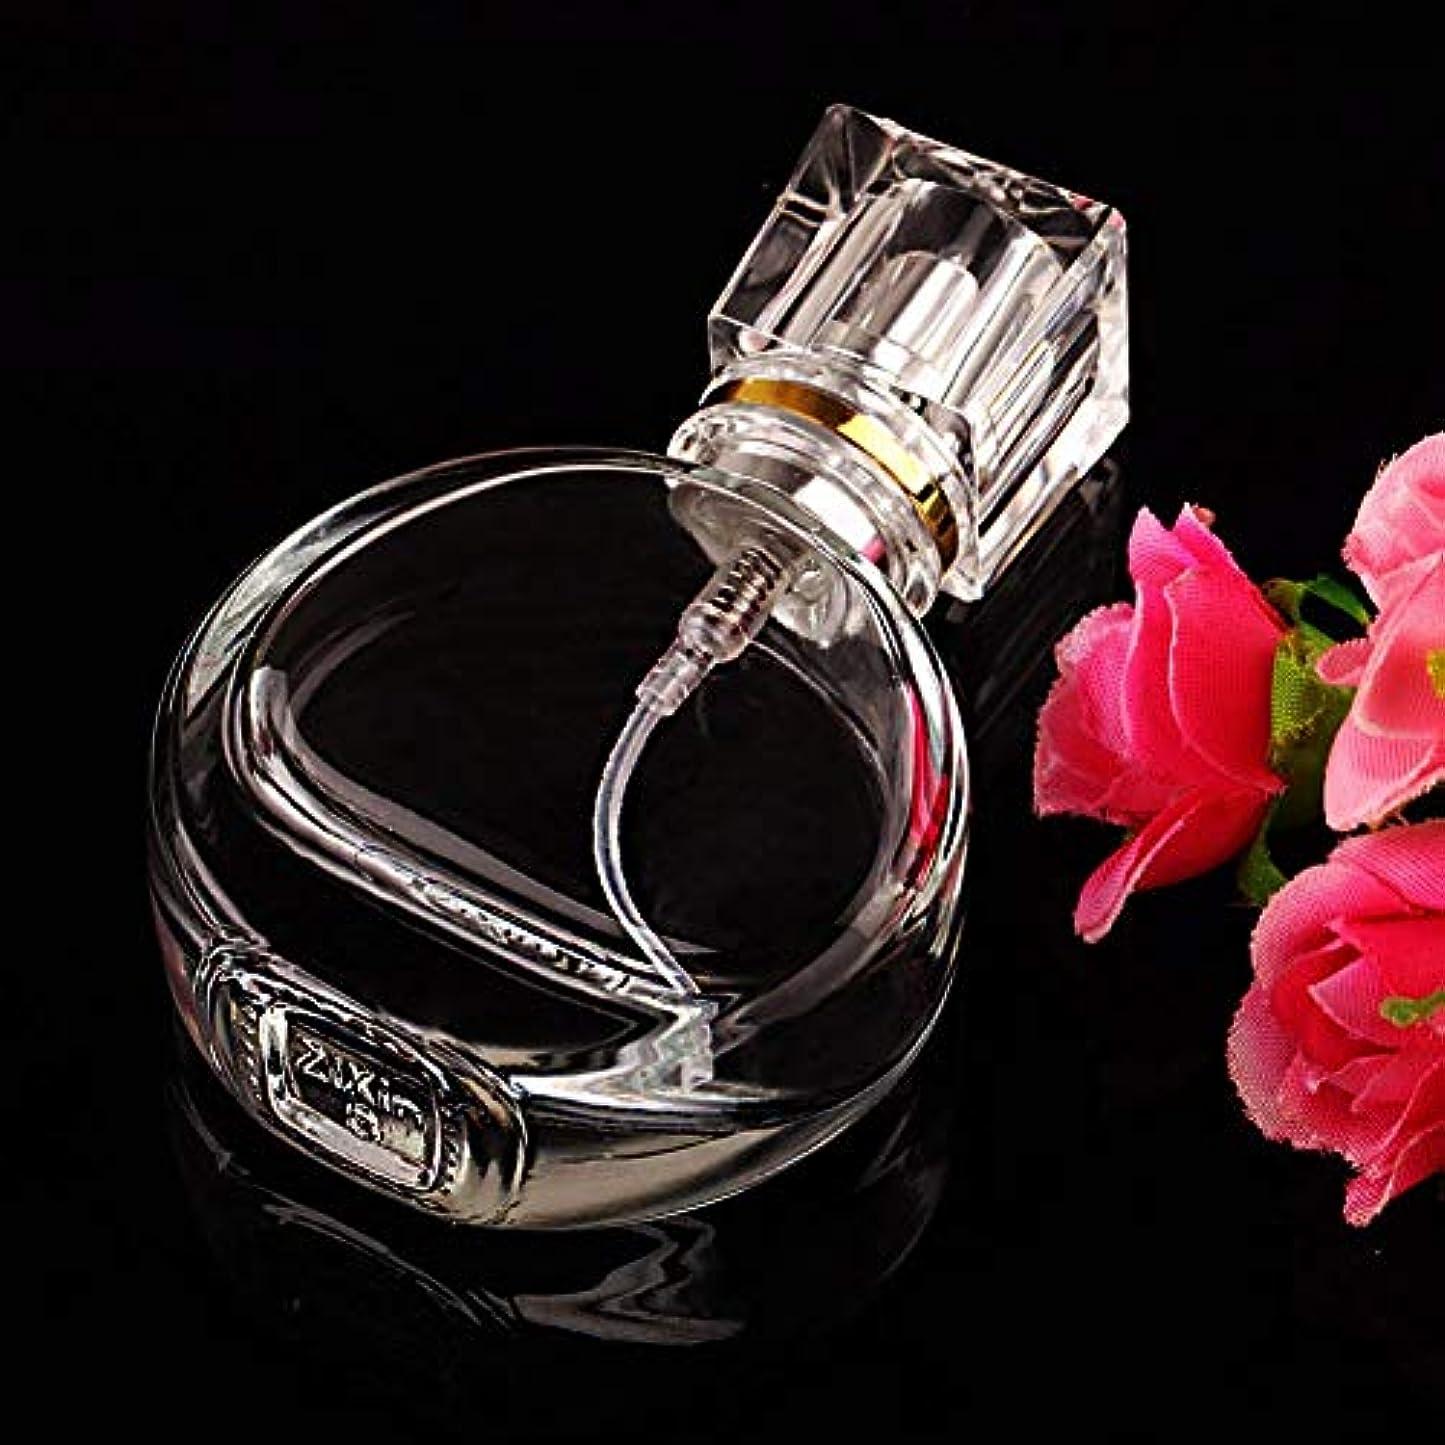 ソブリケット等しいイブニングVERY100 高品質ガラスボトル 香水瓶  アトマイザー  25ML 透明 シンプルデザイン ホーム飾り 装飾雑貨